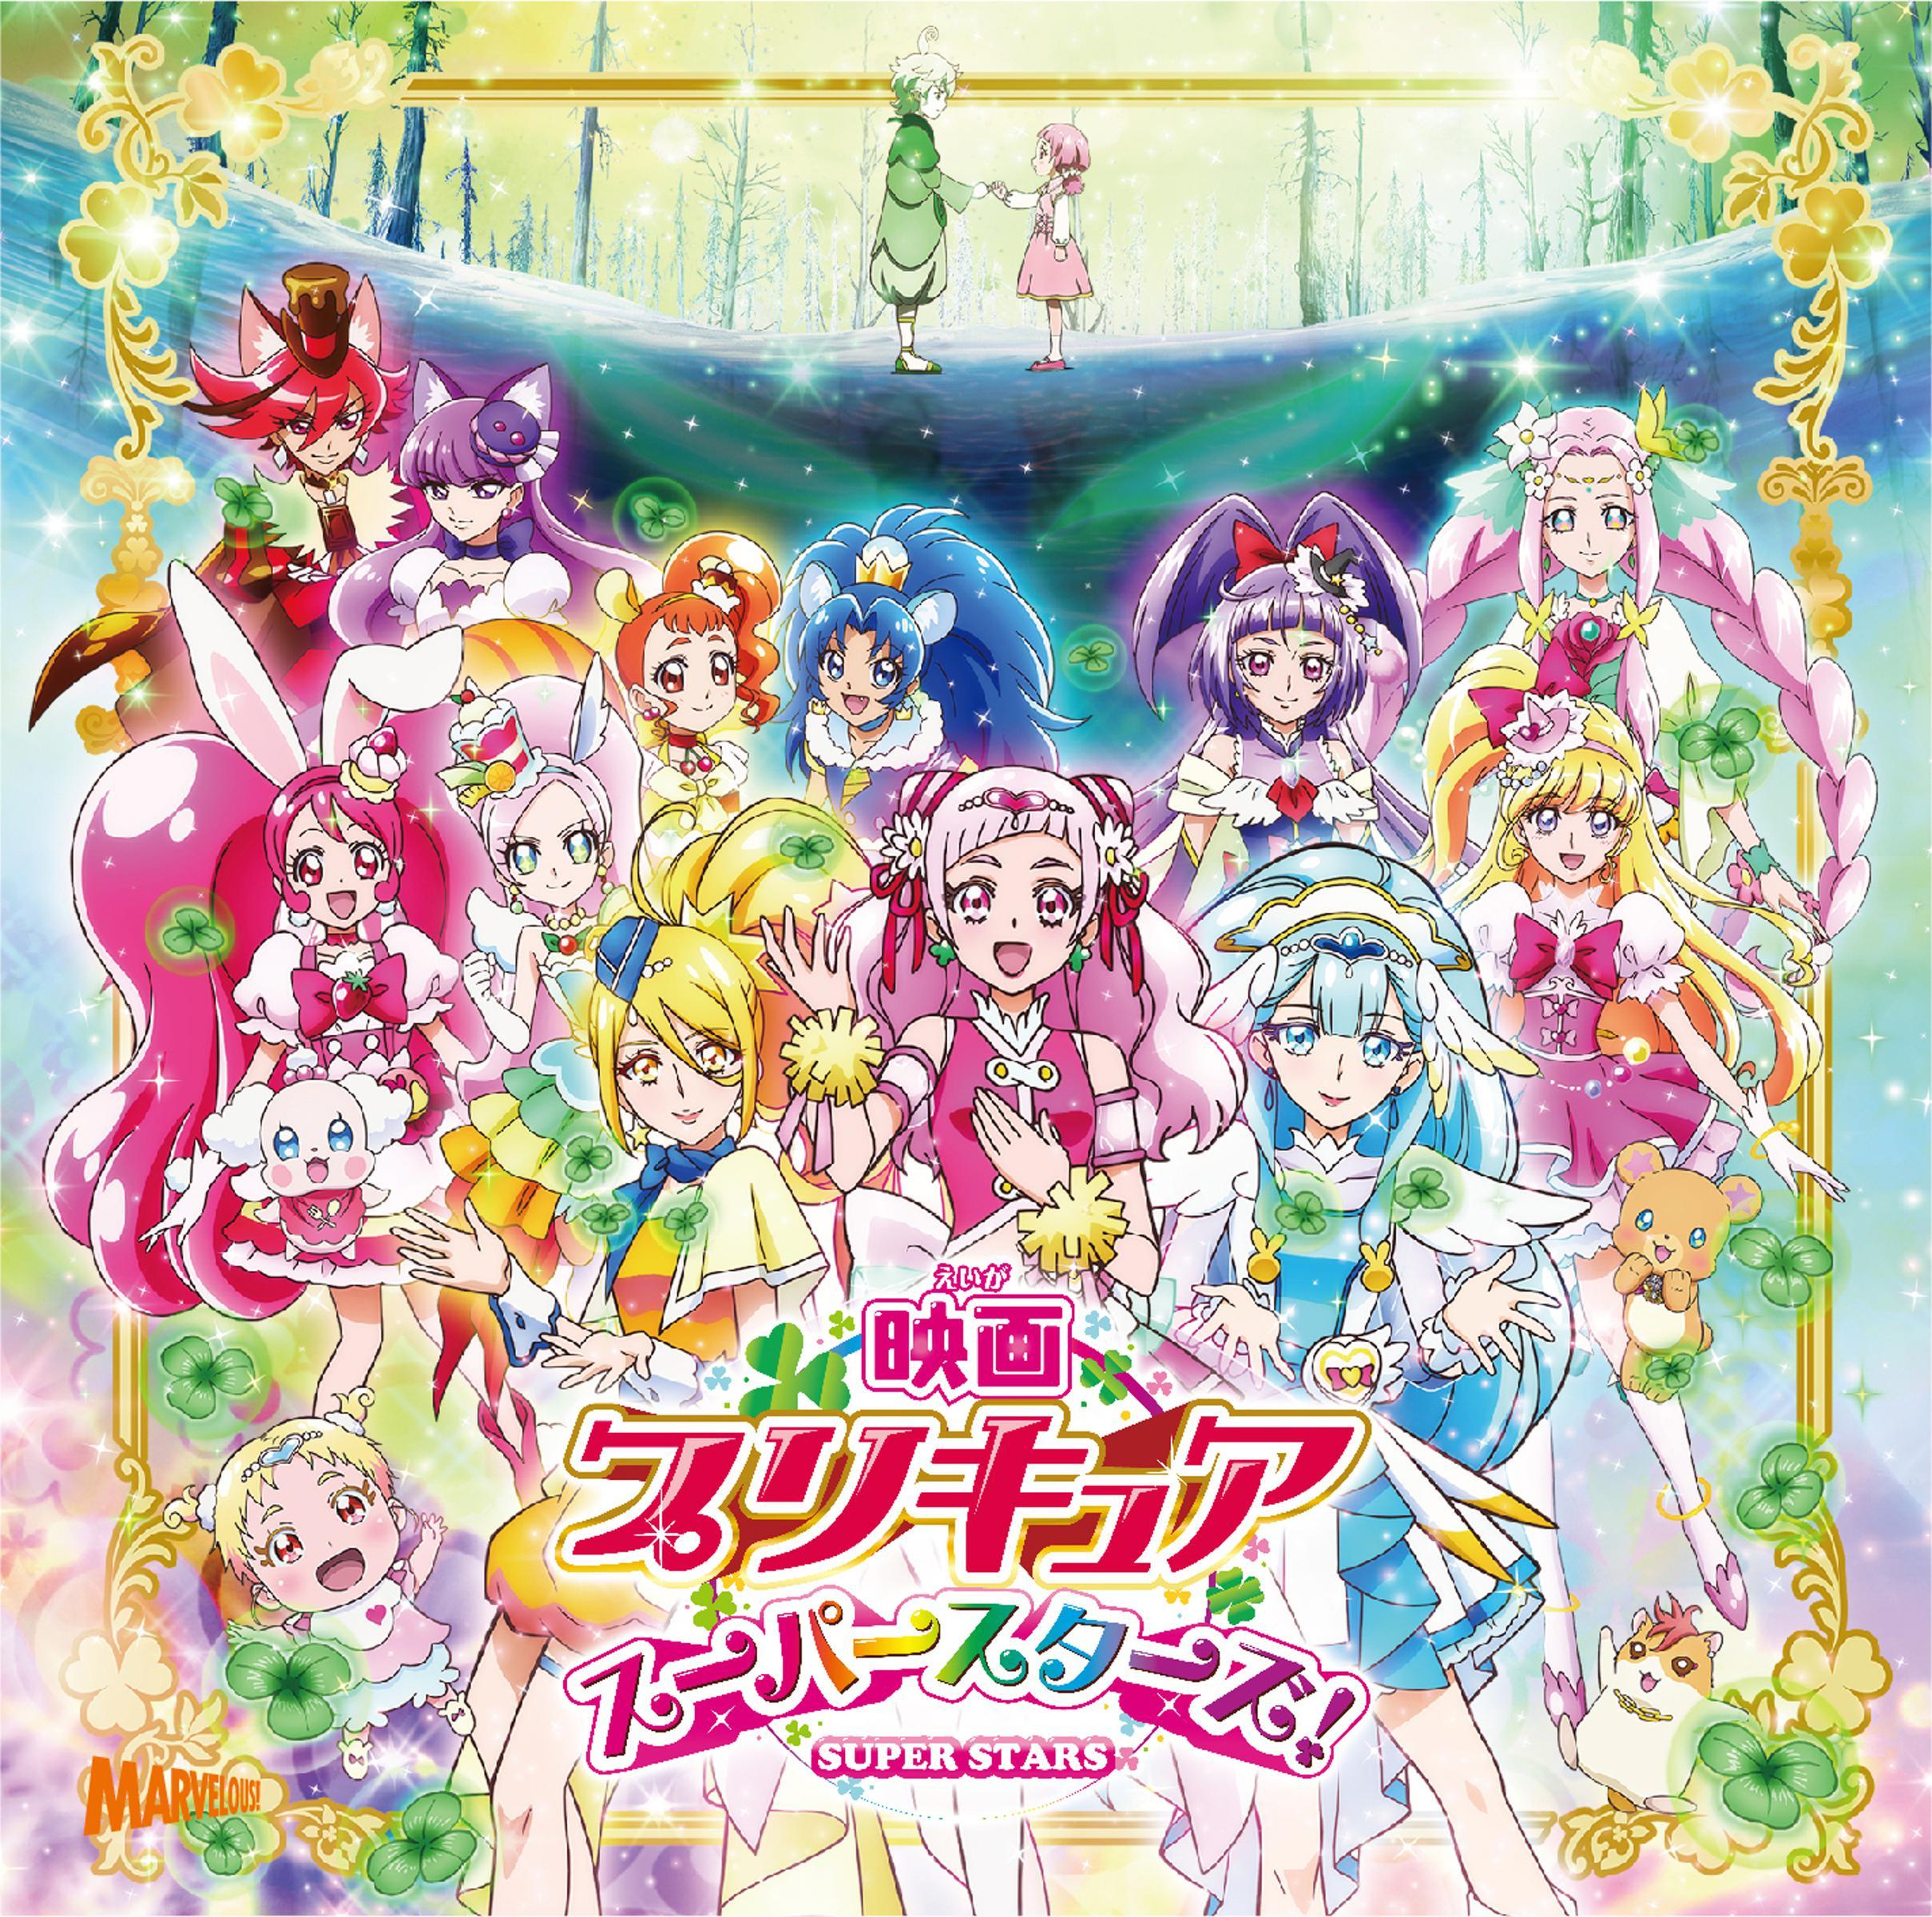 Pretty Cure Super Stars! Theme Song Single